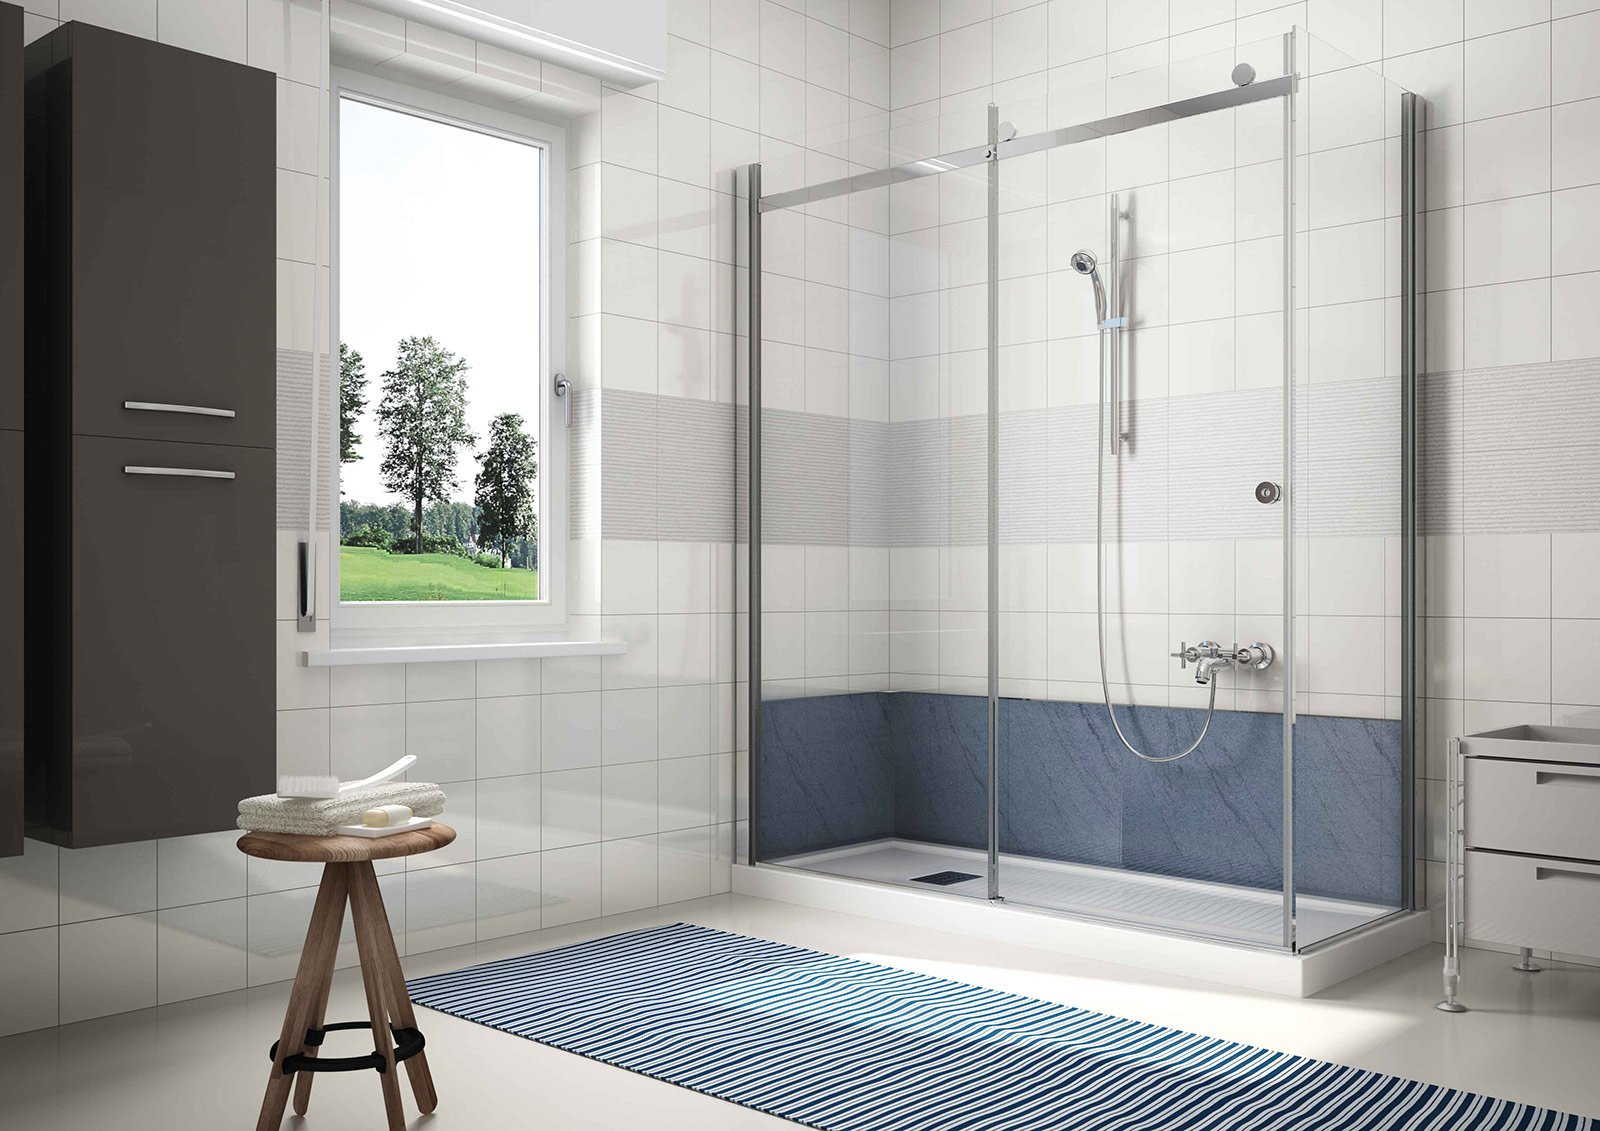 La vasca diventa doccia in poco tempo e senza troppi lavori cose